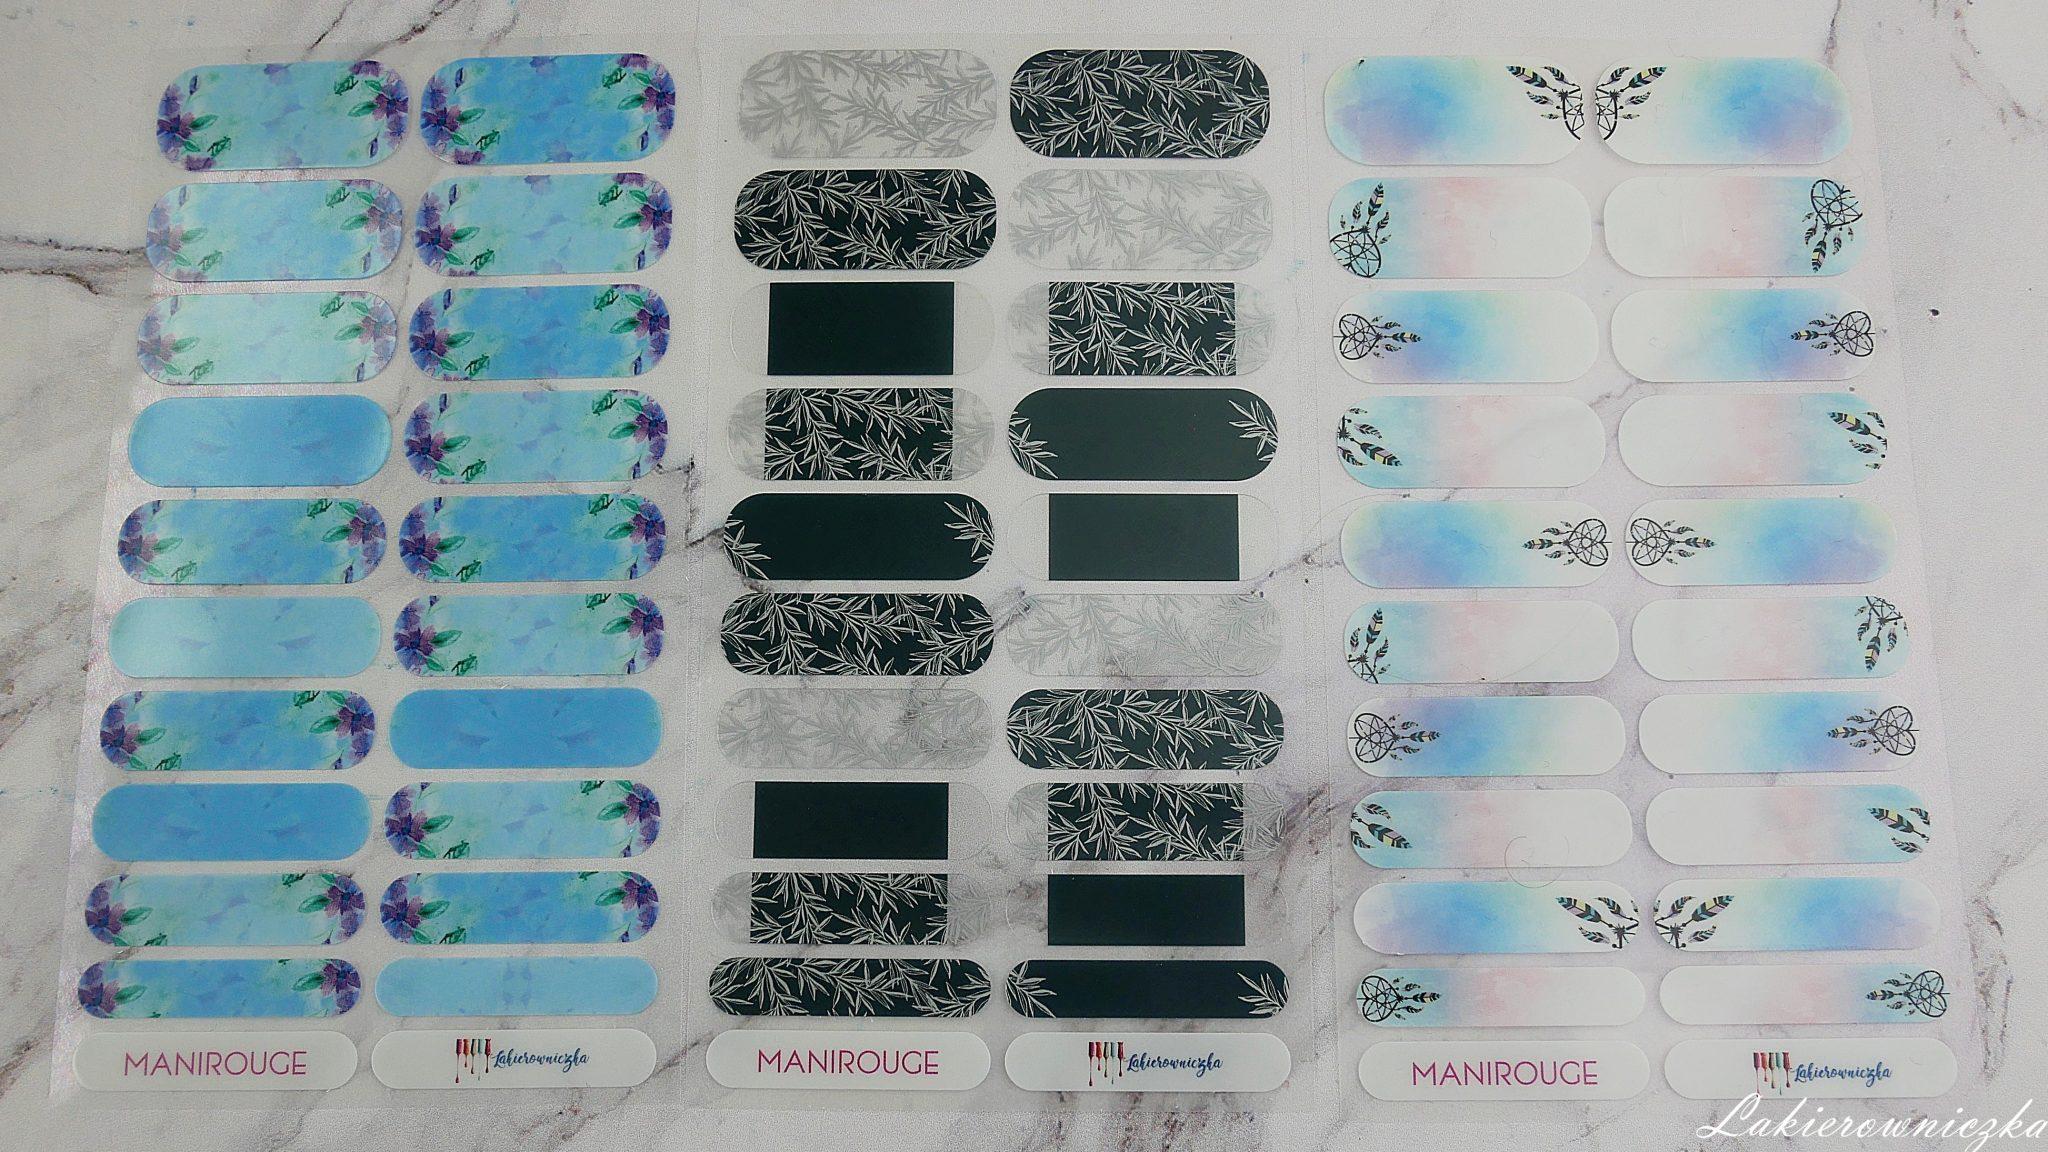 moje-naklejki-termiczne-manirouge-projekt-Lakierowniczka-lapacze-snow-blur-effect-liscie-butelkowa-zielen-kwiaty-niebieskie-alternatywa-dla-hybrydy